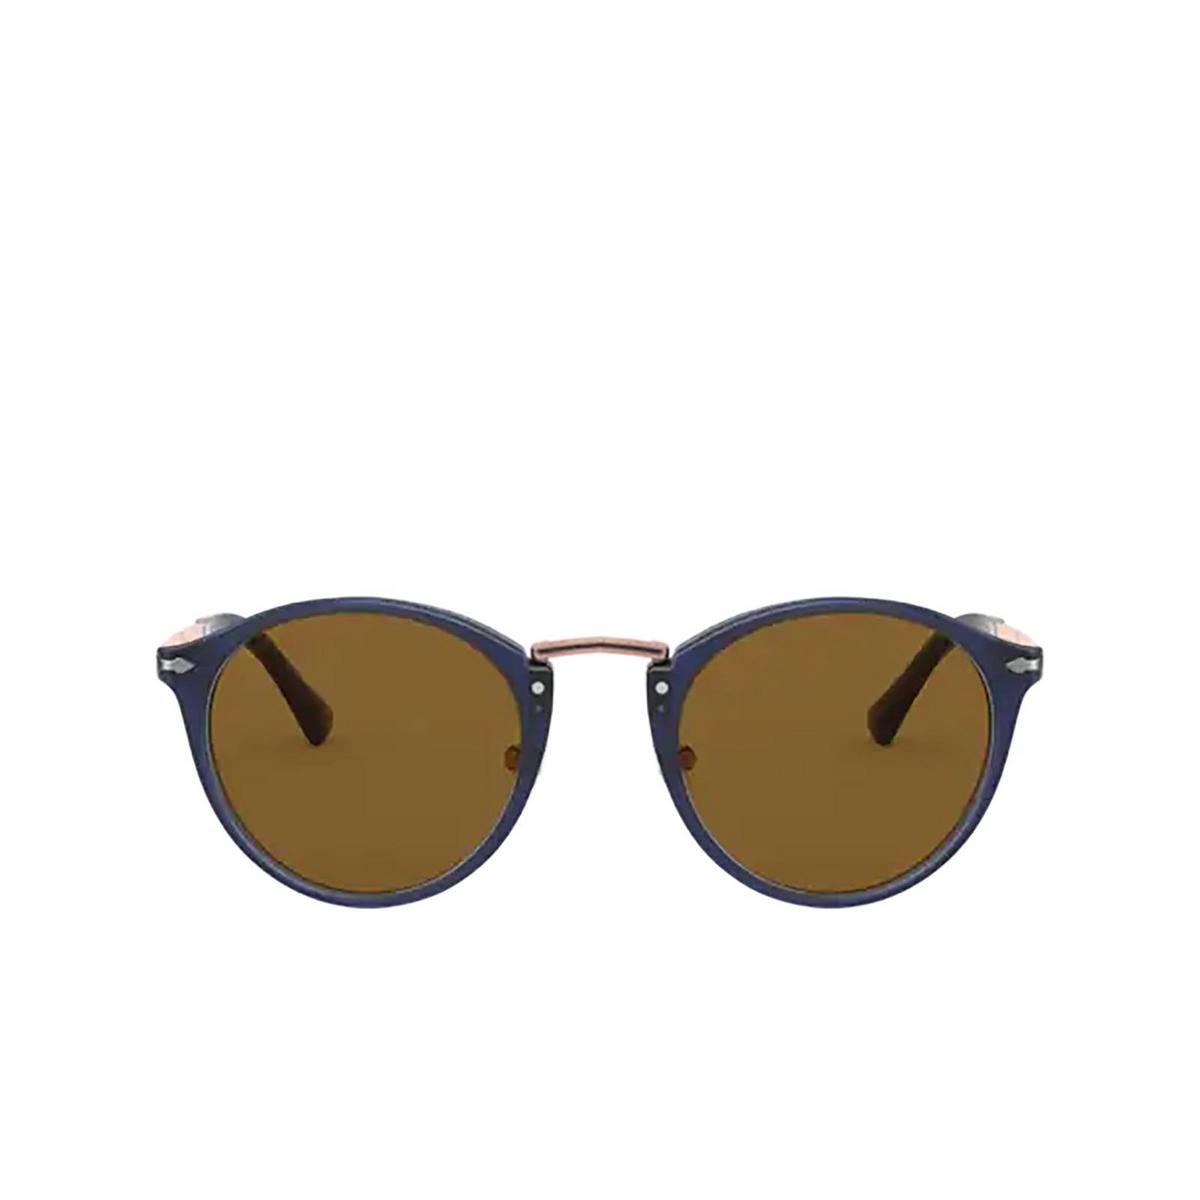 Persol® Round Sunglasses: PO3248S color Cobalto & Bronze 181/53 - front view.